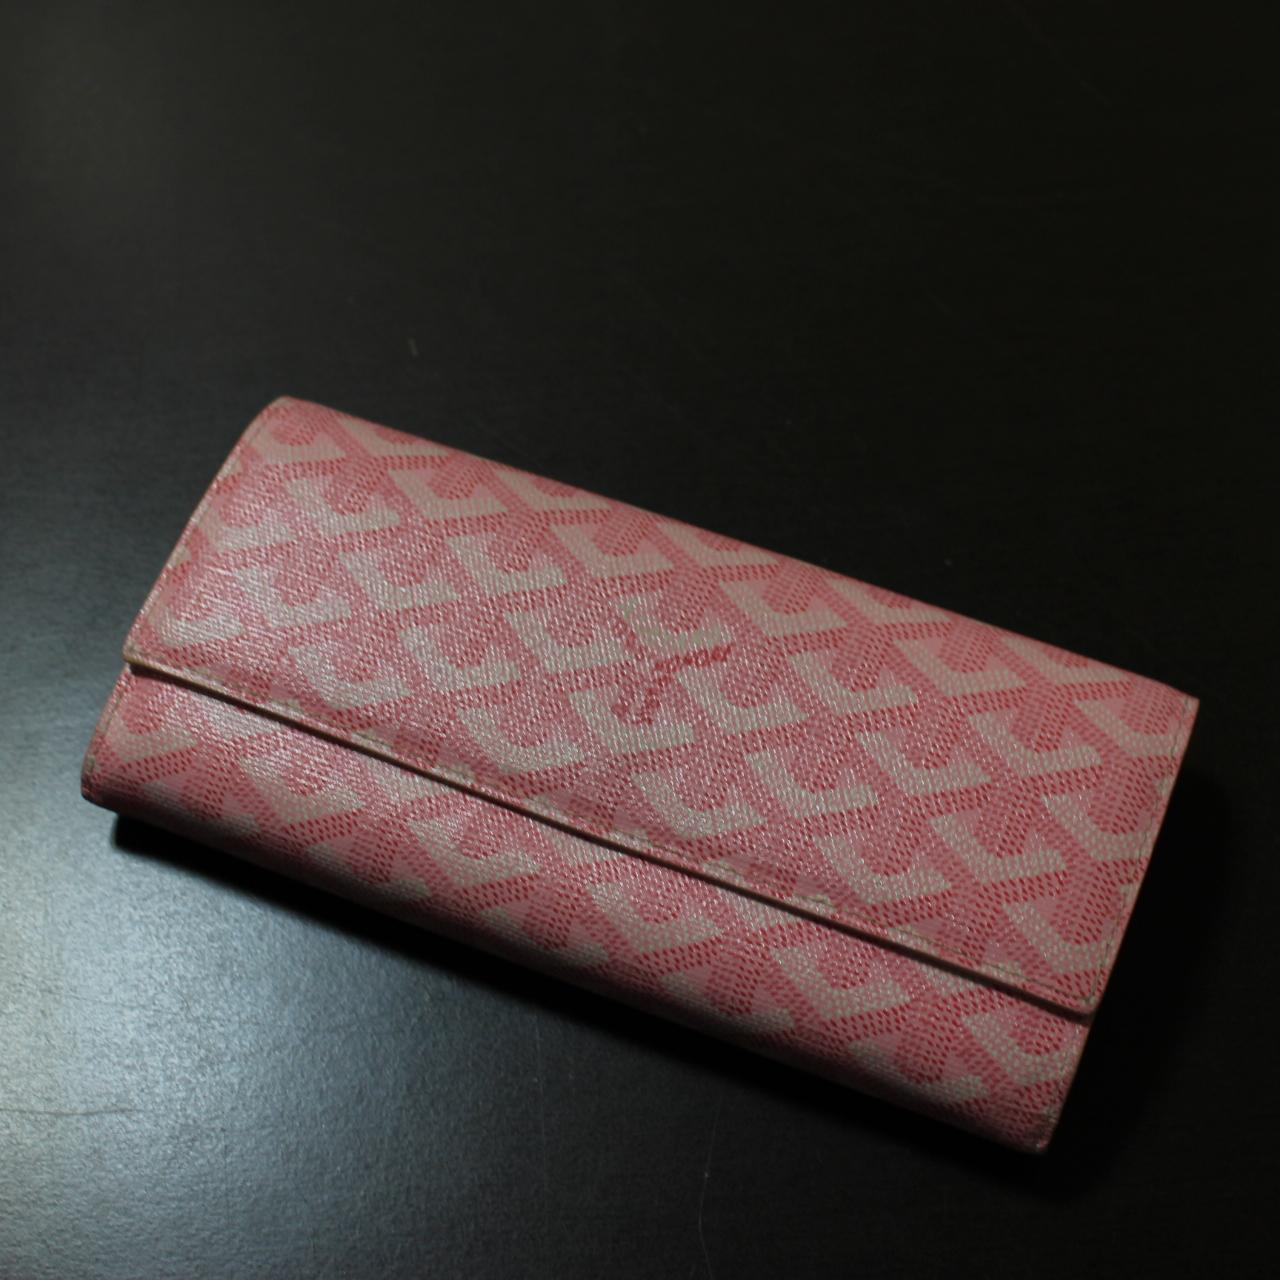 ゴヤール 長財布 ヘリンボーン柄 ピンク